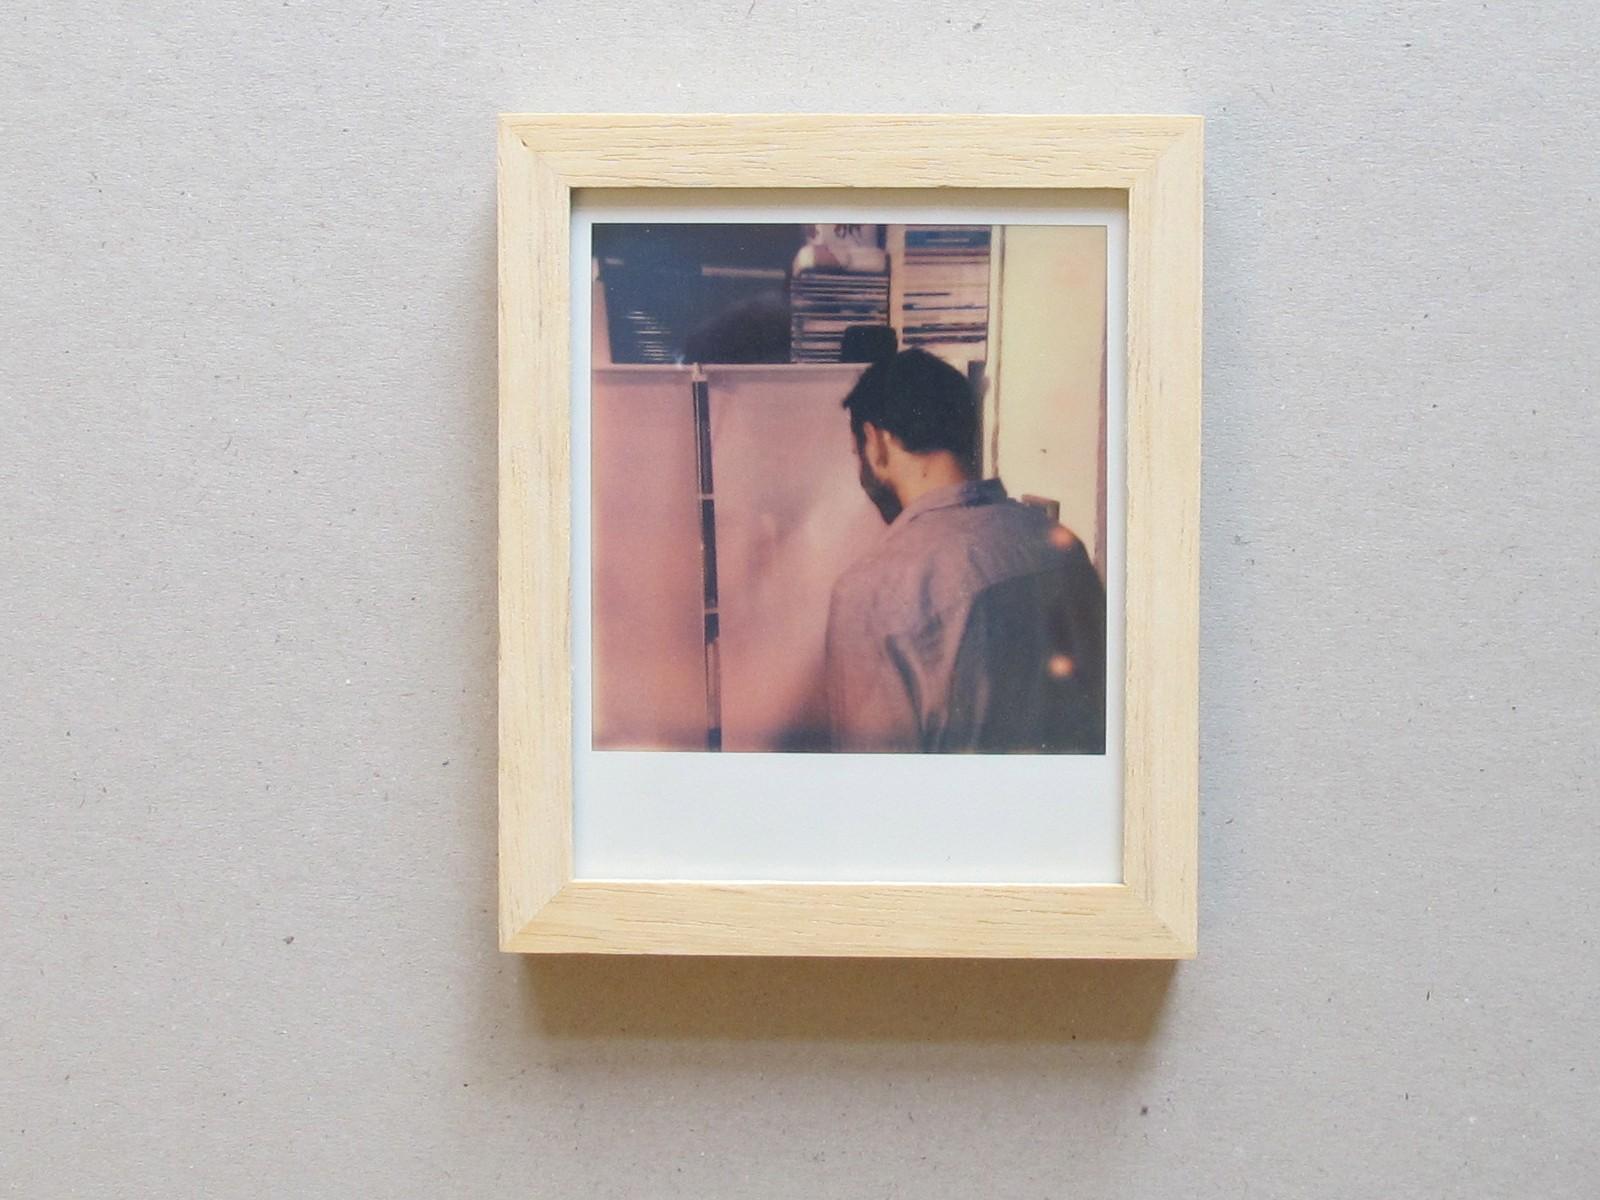 Polaroid Rahmen — refurnished+ — Entwicklung & Umsetzung